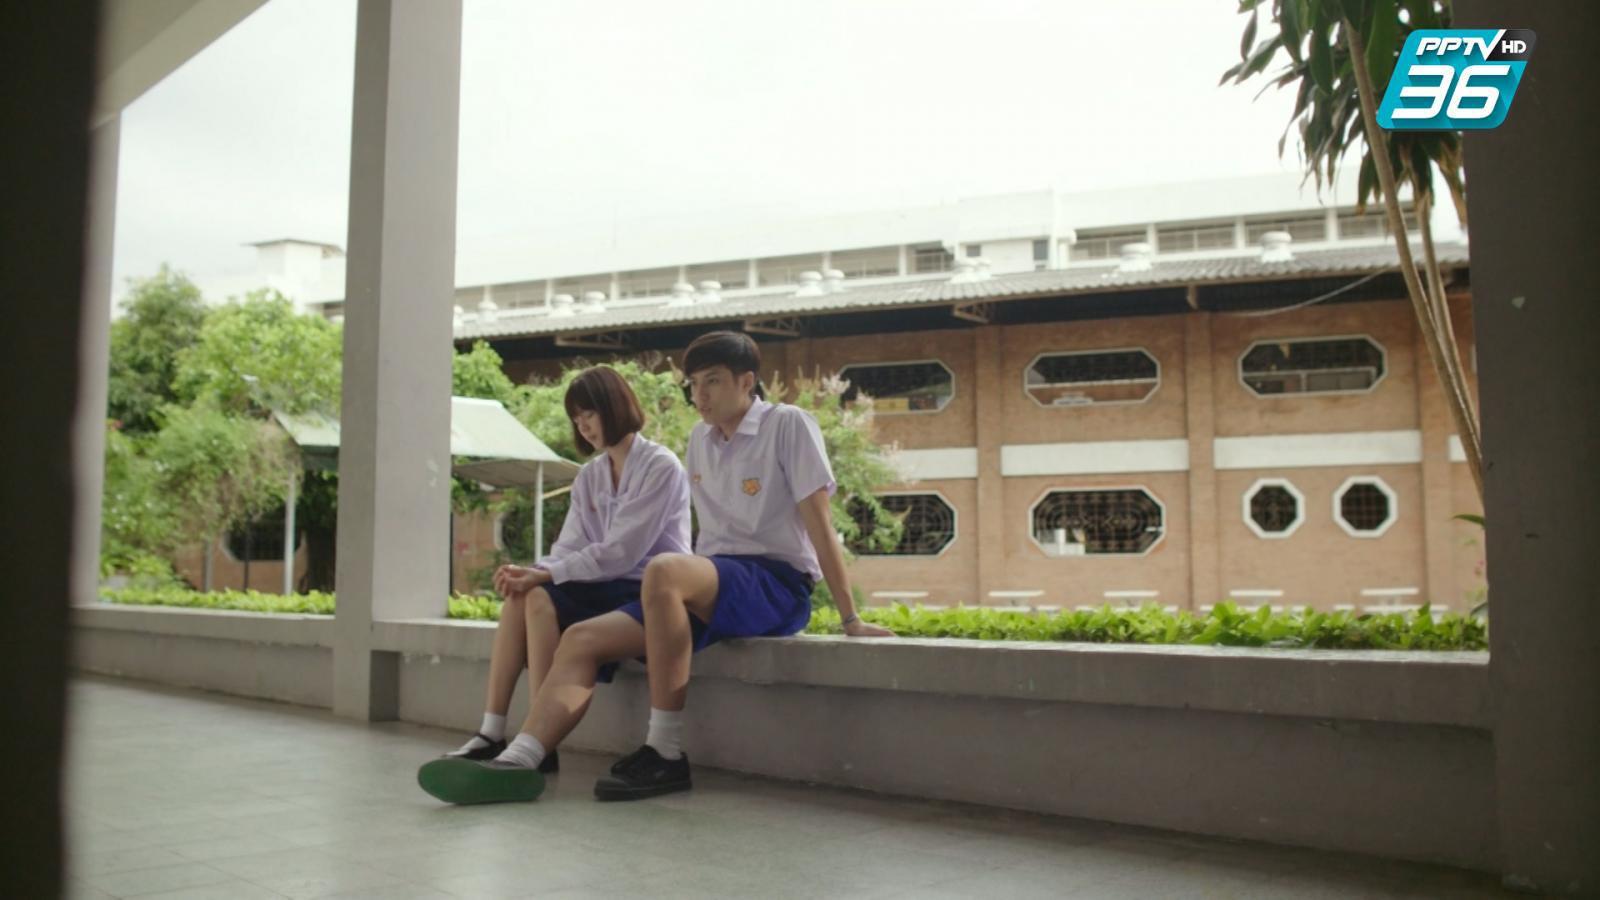 กาลครั้งหนึ่งรักของเรา EP.5 | ฟินสุด | รักสามเศร้า ต้องมีคนเจ็บ | PPTV HD 36